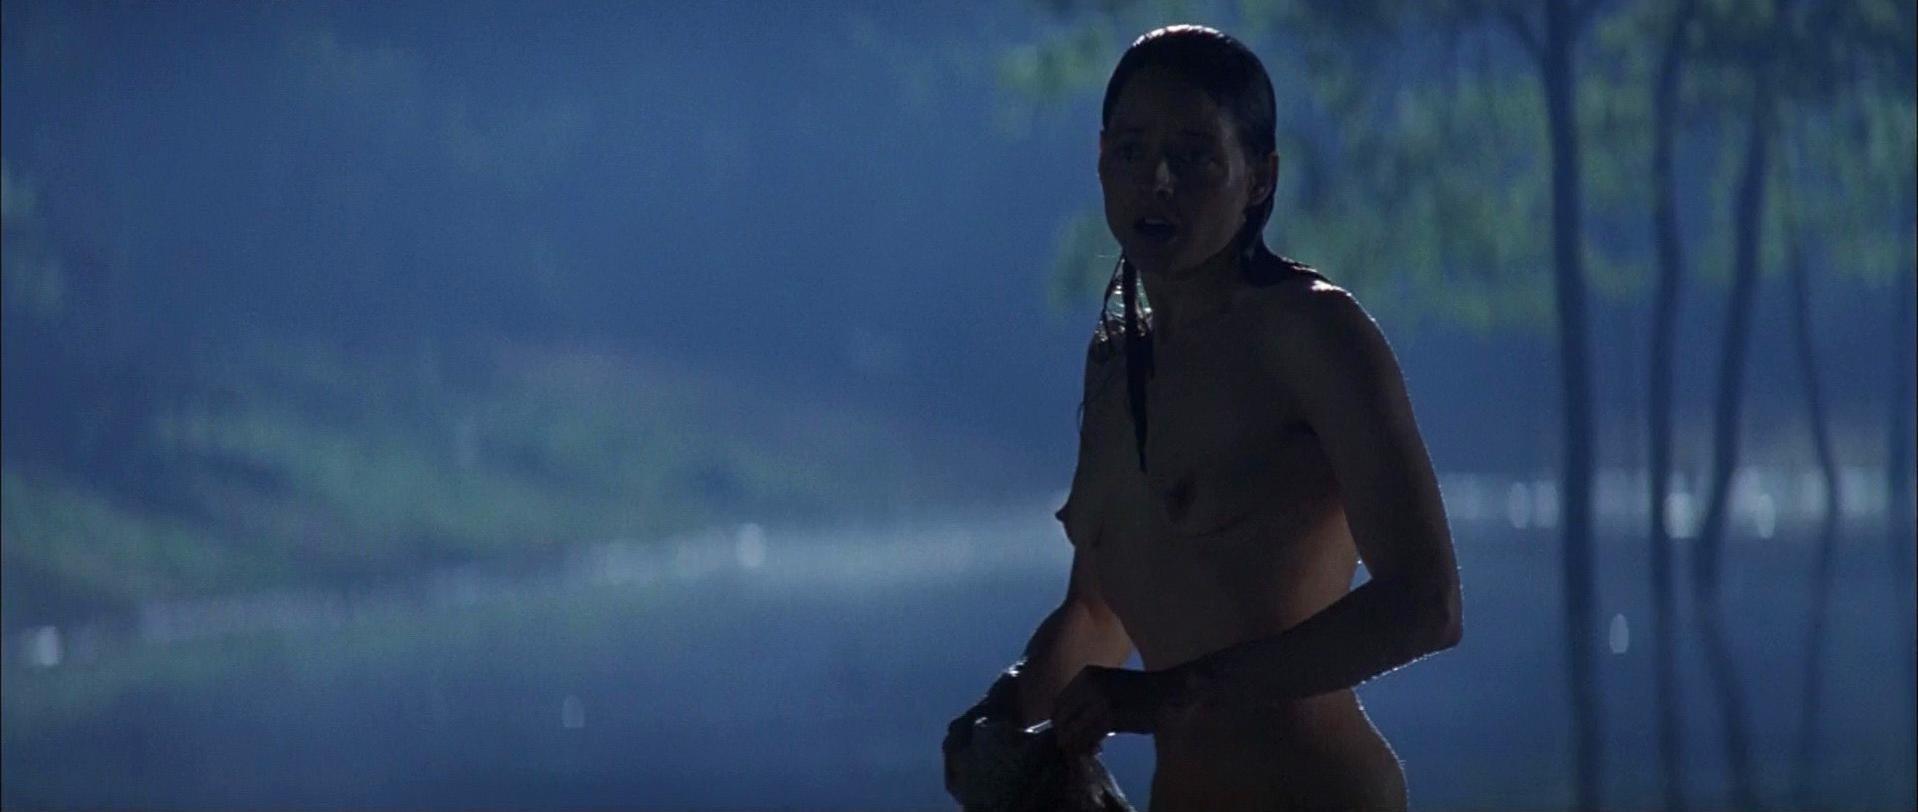 Jodi Foster Nude